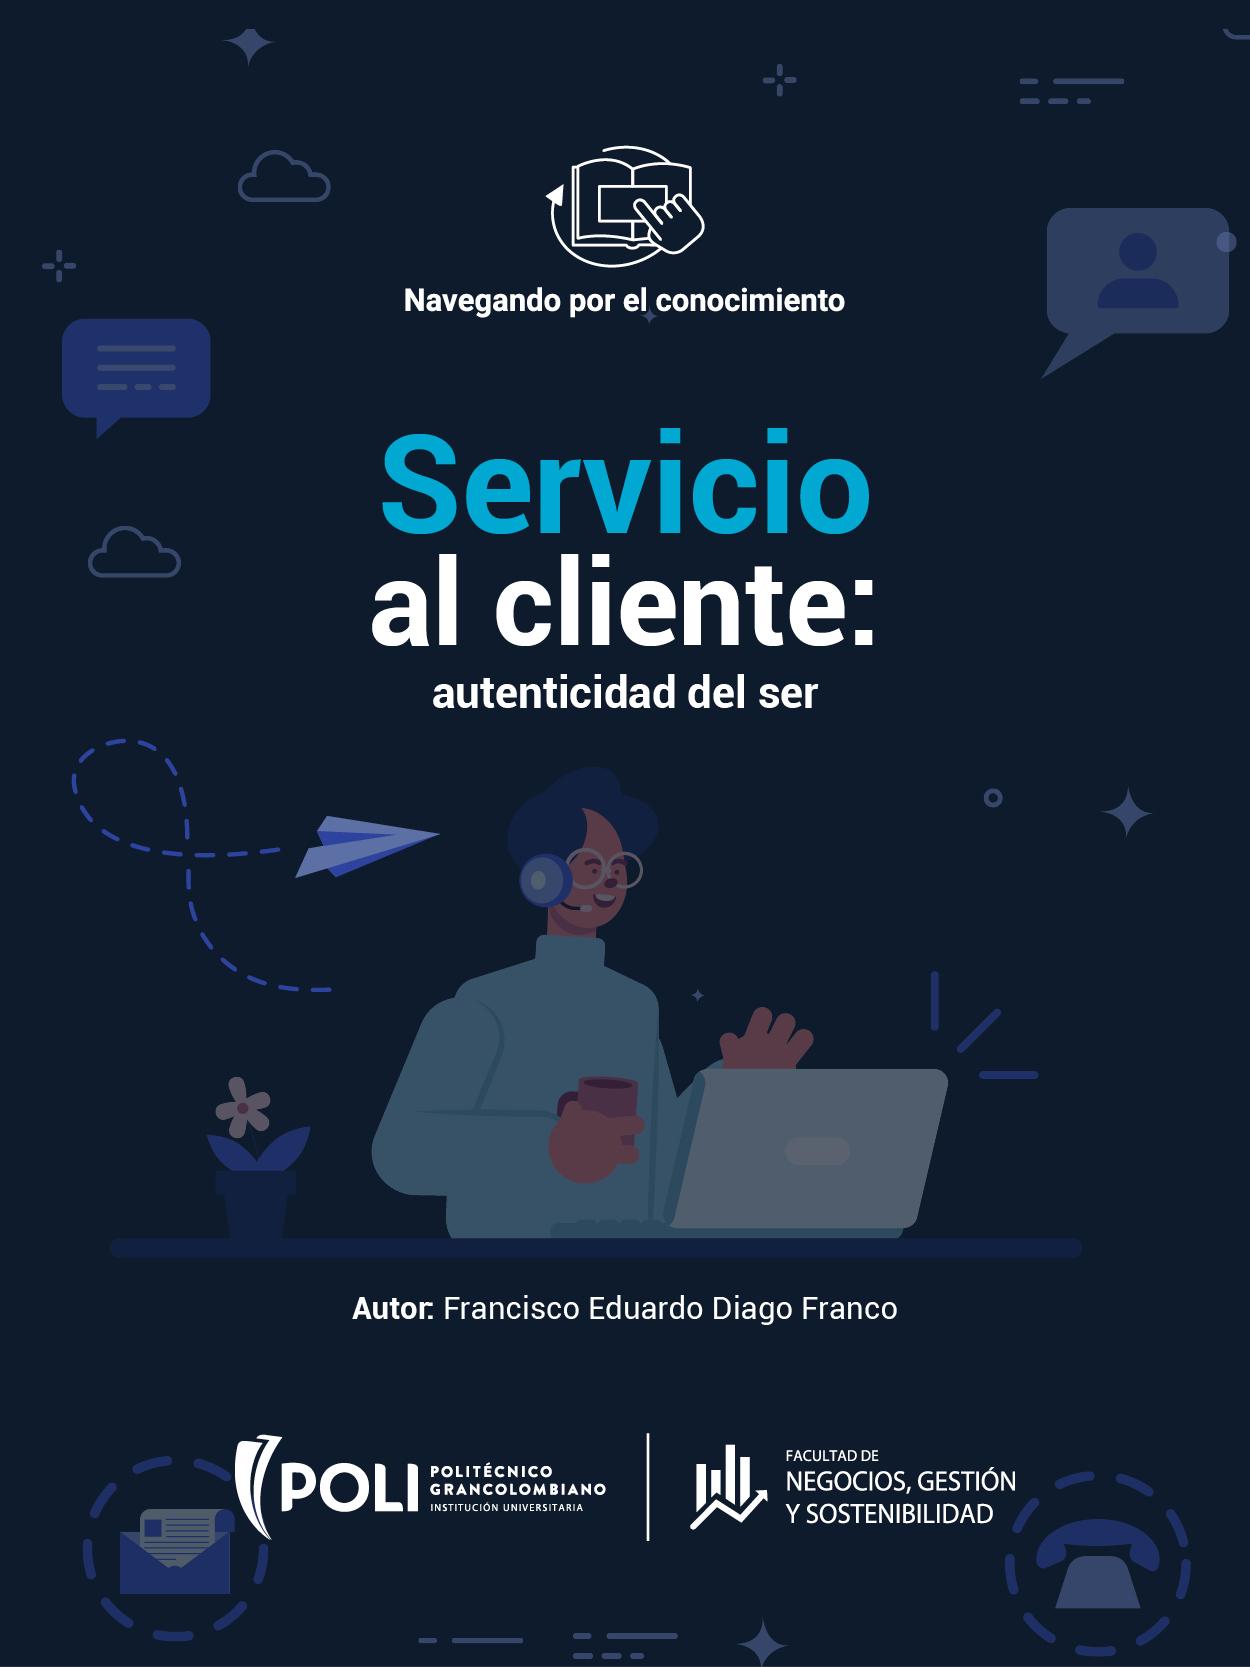 Servicio al cliente: autenticidad del ser